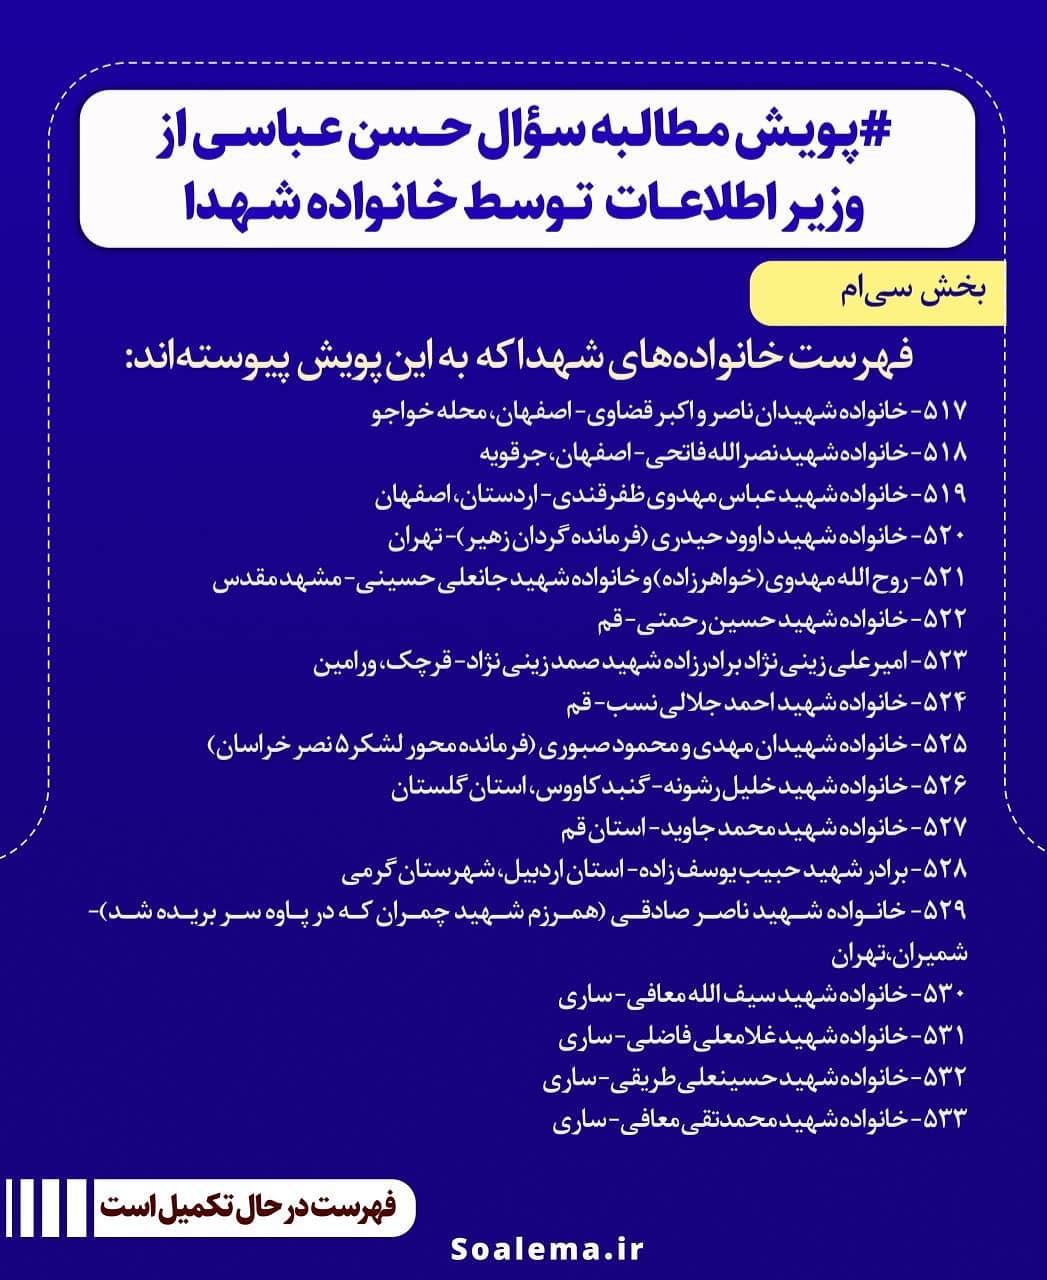 http://dl-abbasi.ir/yekta/1398/Graphic/Shohada/30.jpg